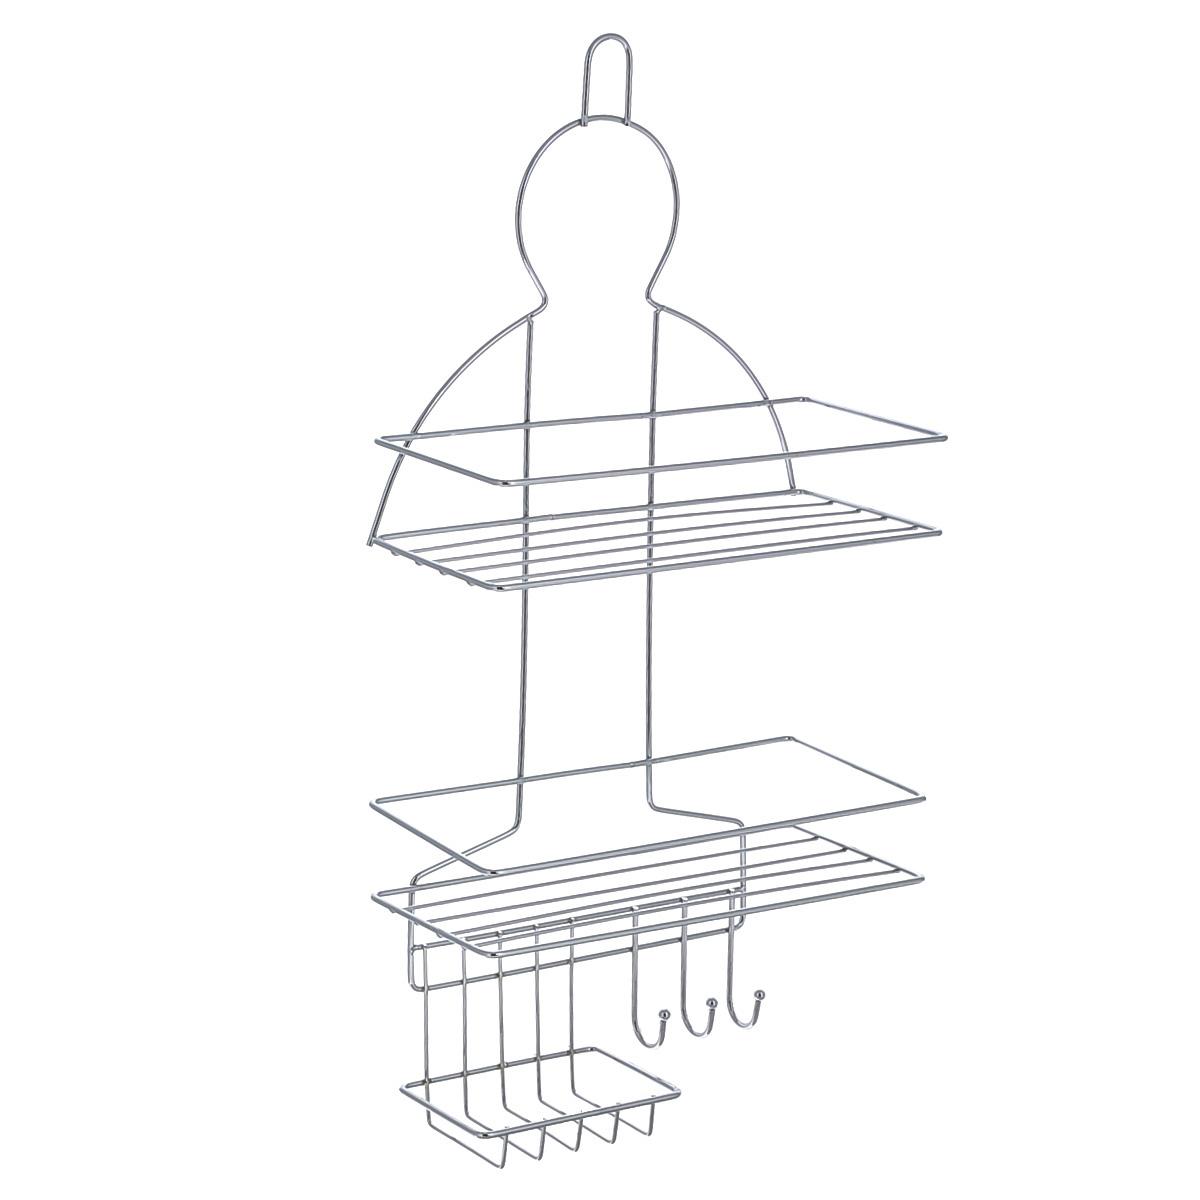 Полка навесная Home Queen, 23,7 см х 11,2 см х 49,8 см531-401Удобная компактная полка Home Queen не требует специального монтажа, ее можно повесить на крючок или штангу в ванной. Универсальный дизайн подойдет для любого интерьера ванной комнаты. Выполнена из хромированной стали.